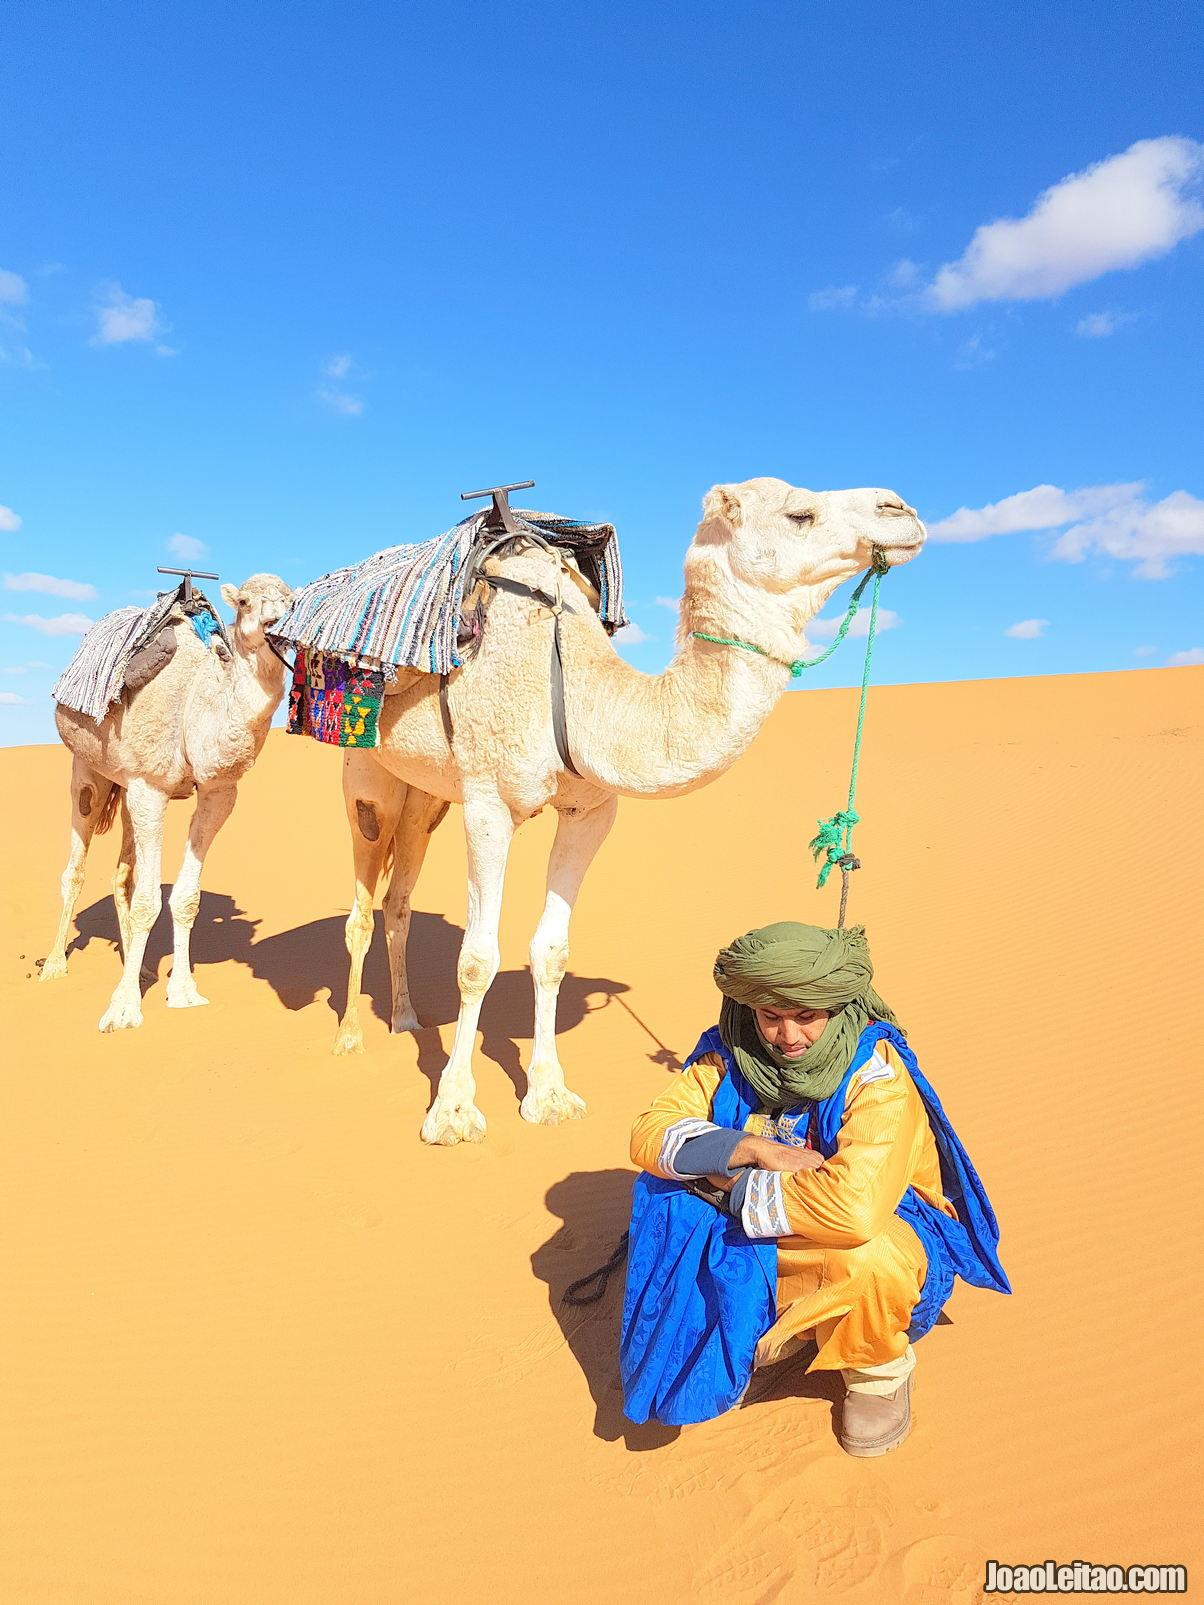 Marrocos • Guia de Viagem • O que Visitar em Marrocos 6